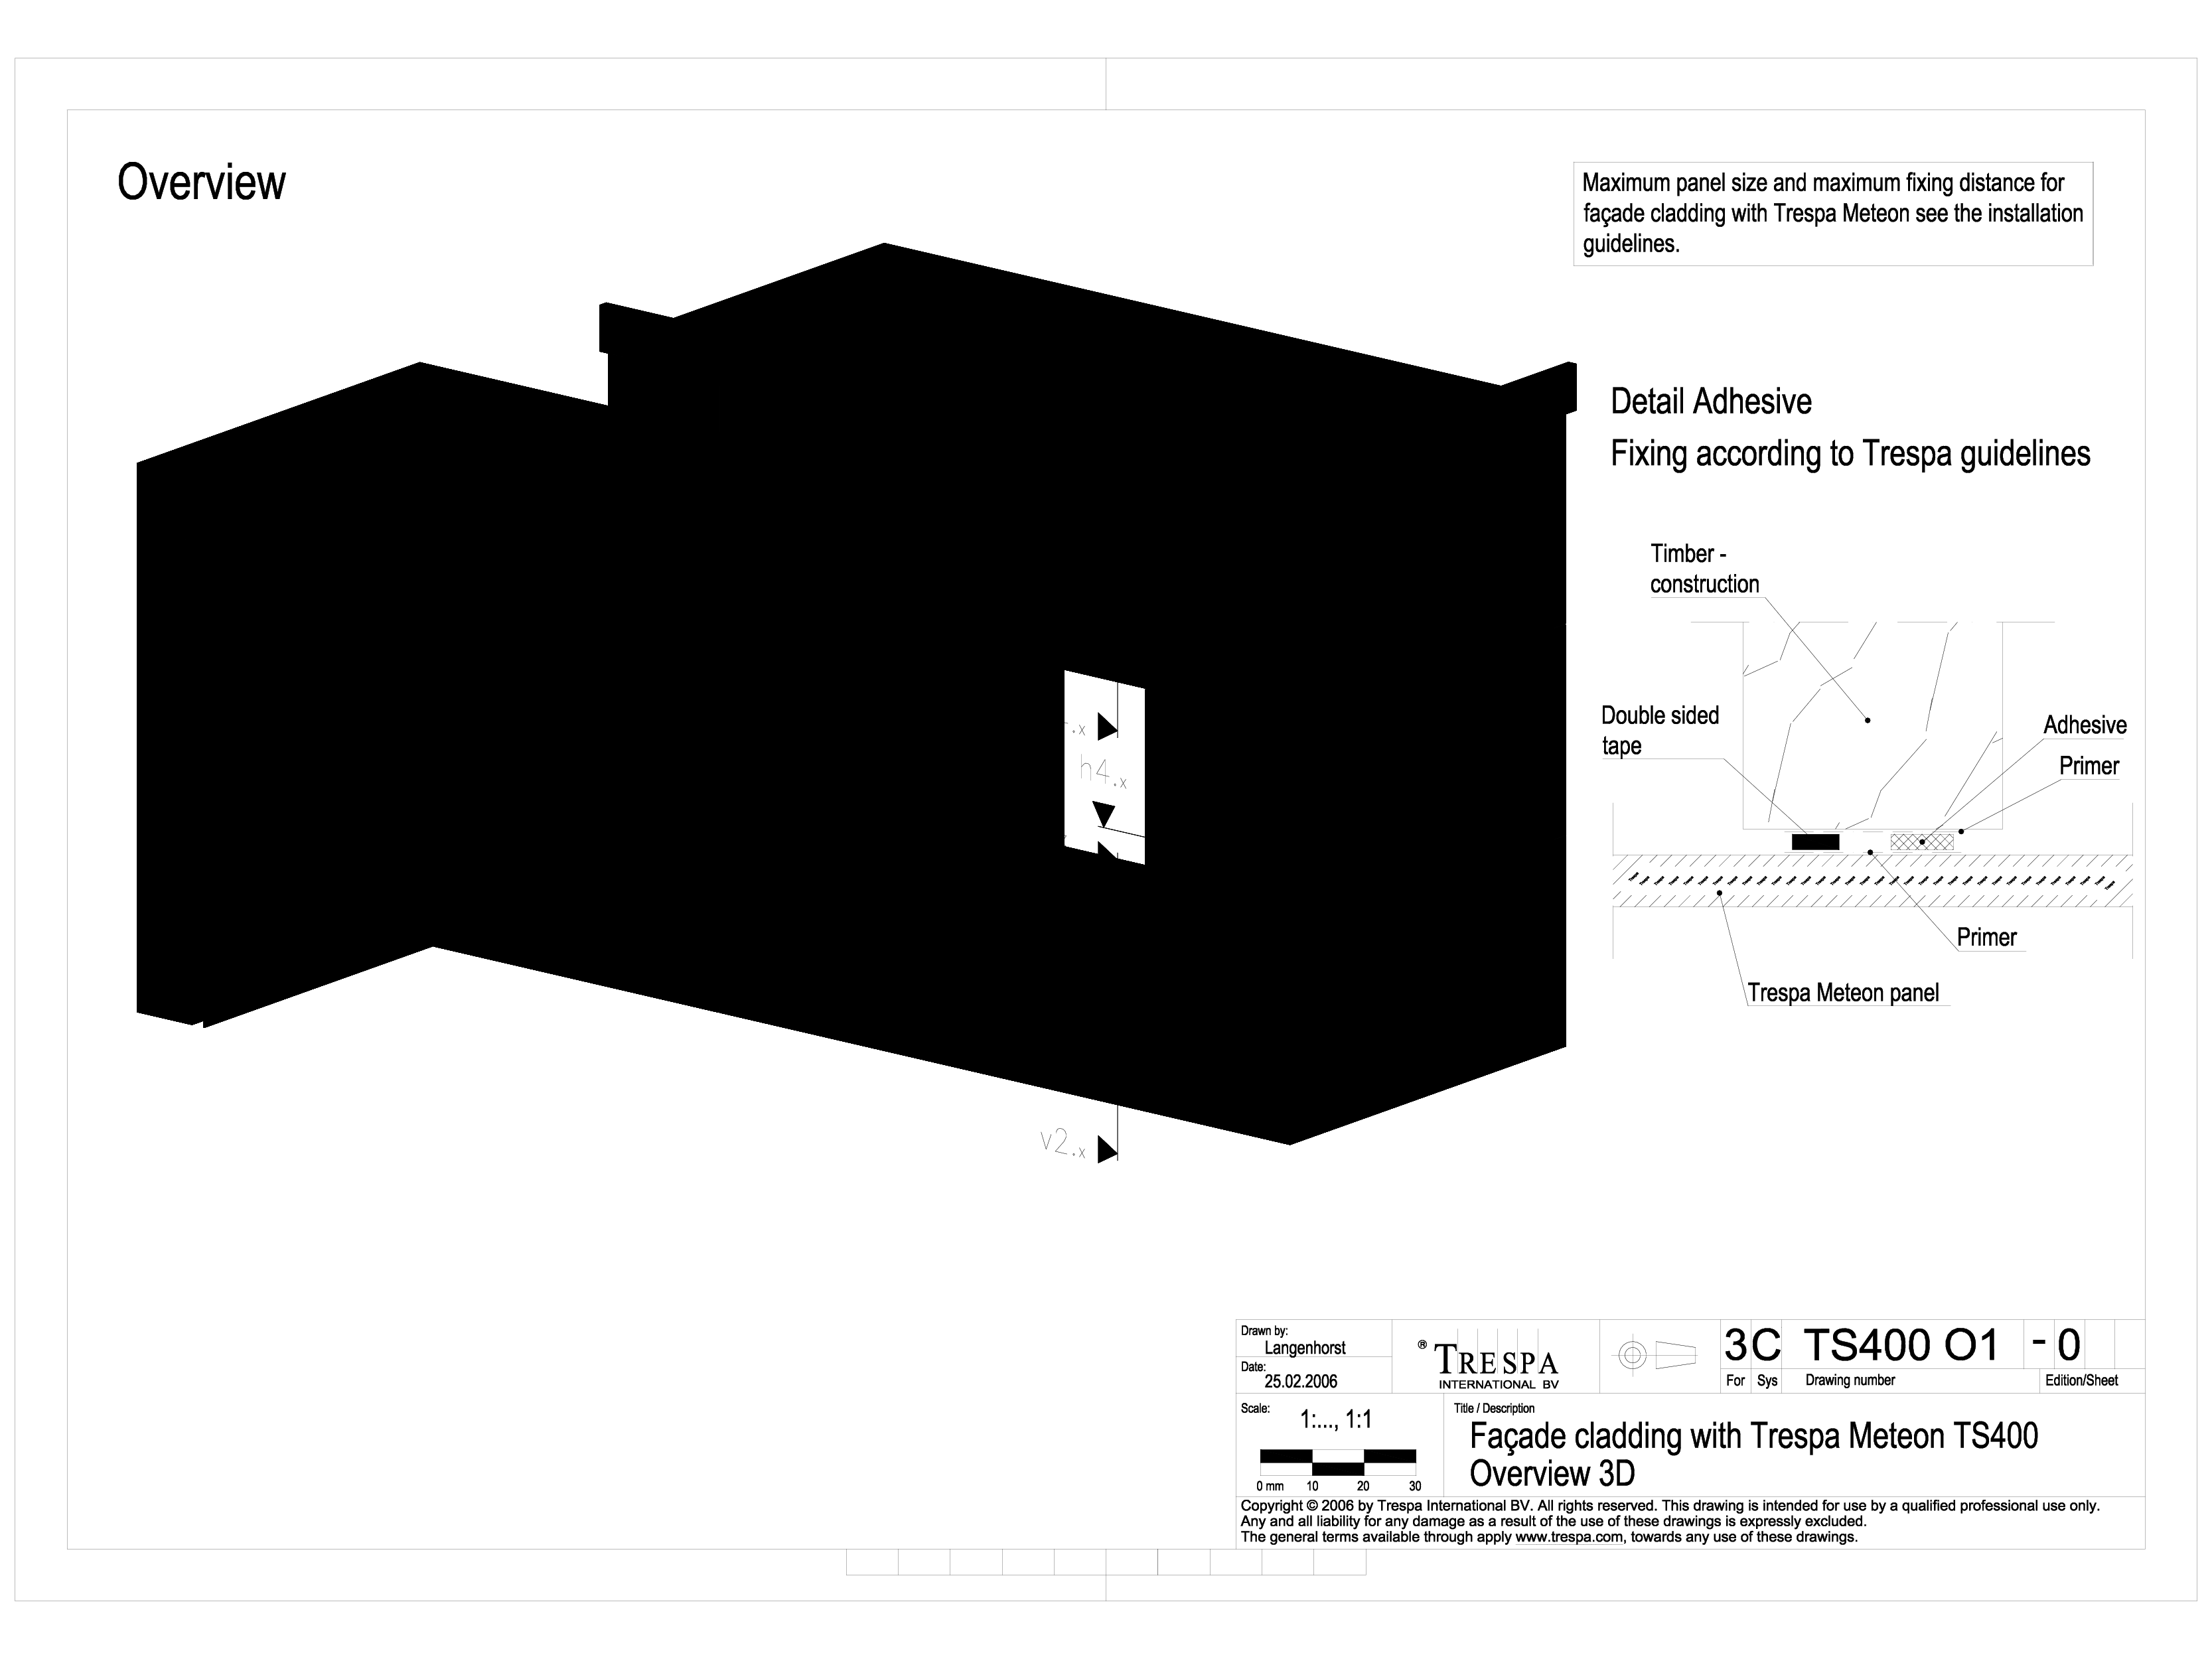 Sisteme de prindere fatade ventilate invizibile cu adeziv si suruburi, detaliu 3D METEON TRESPA Placi HPL pentru fatade ventilate GIBB TECHNOLOGIES  - Pagina 1